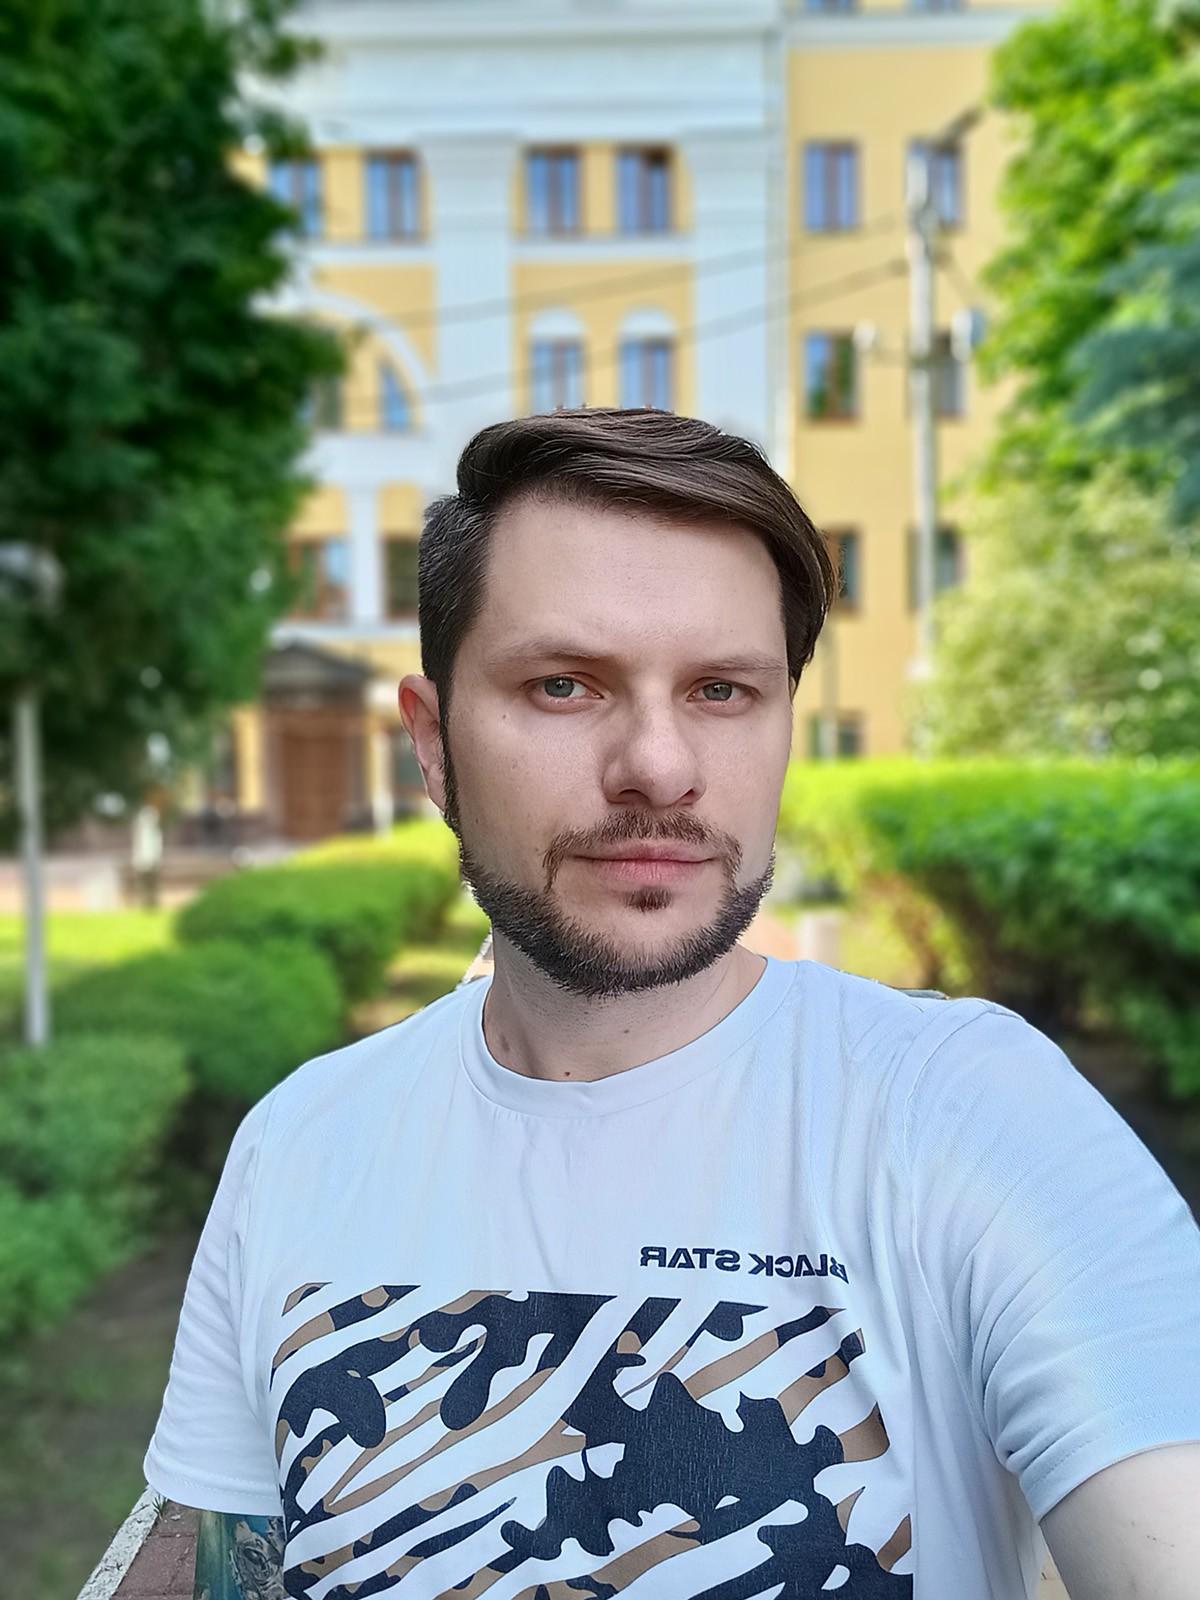 Фото с фронтальной камеры realme 8 в портретном режиме